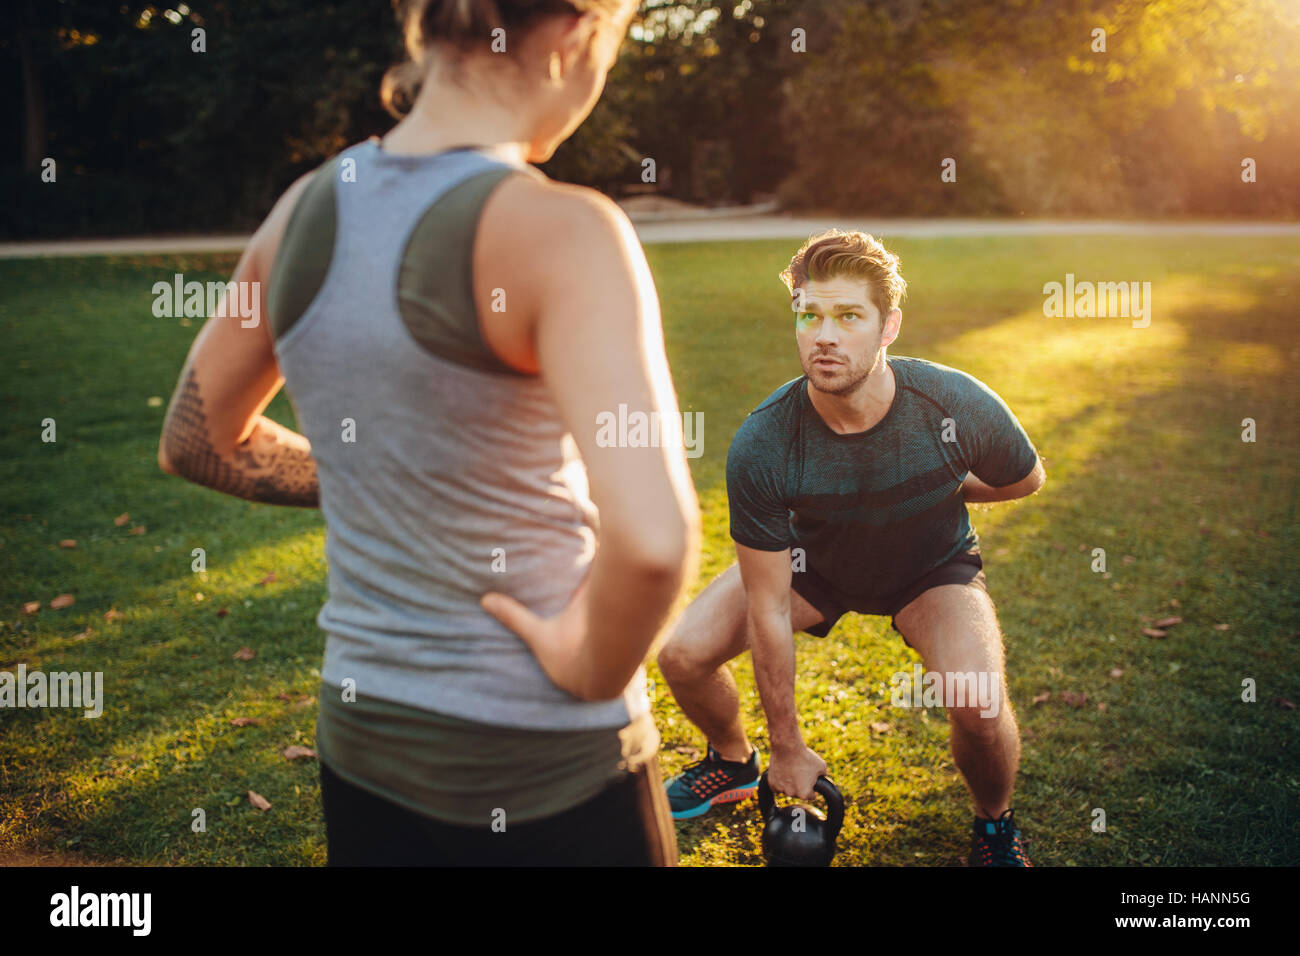 Femme Homme directeurs formateur tout en exerçant avec kettlebell en parc. Entraîneur personnel avec l'homme Photo Stock